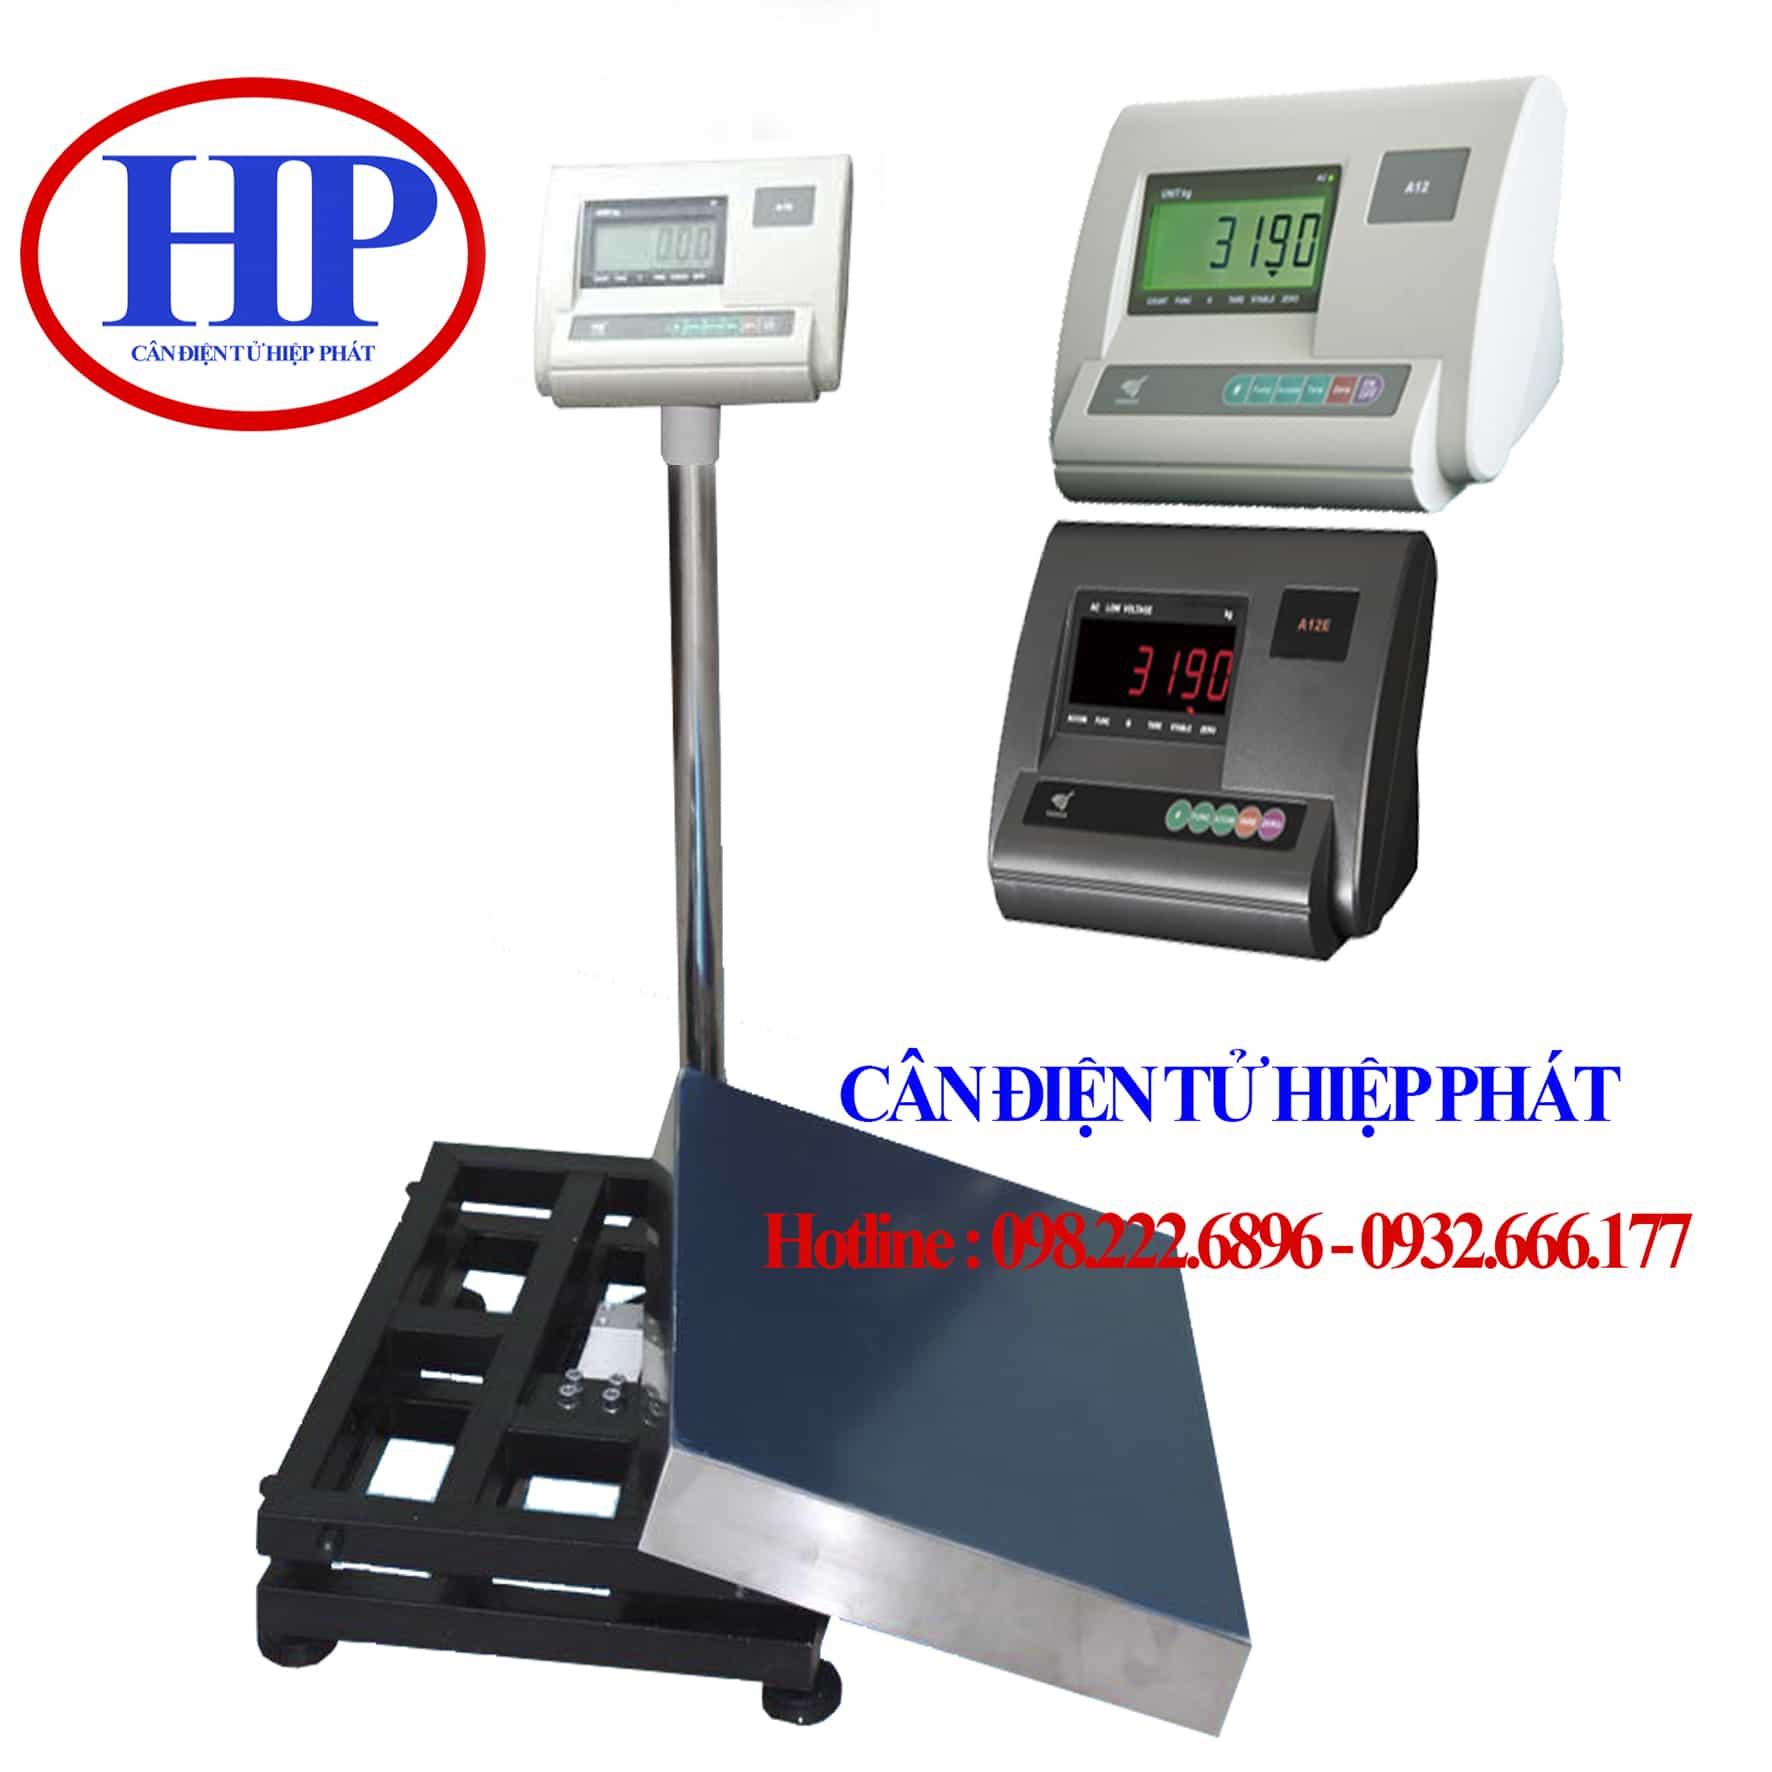 can-ban-dien-tu-30kg-a12-can-hiep-phat-1